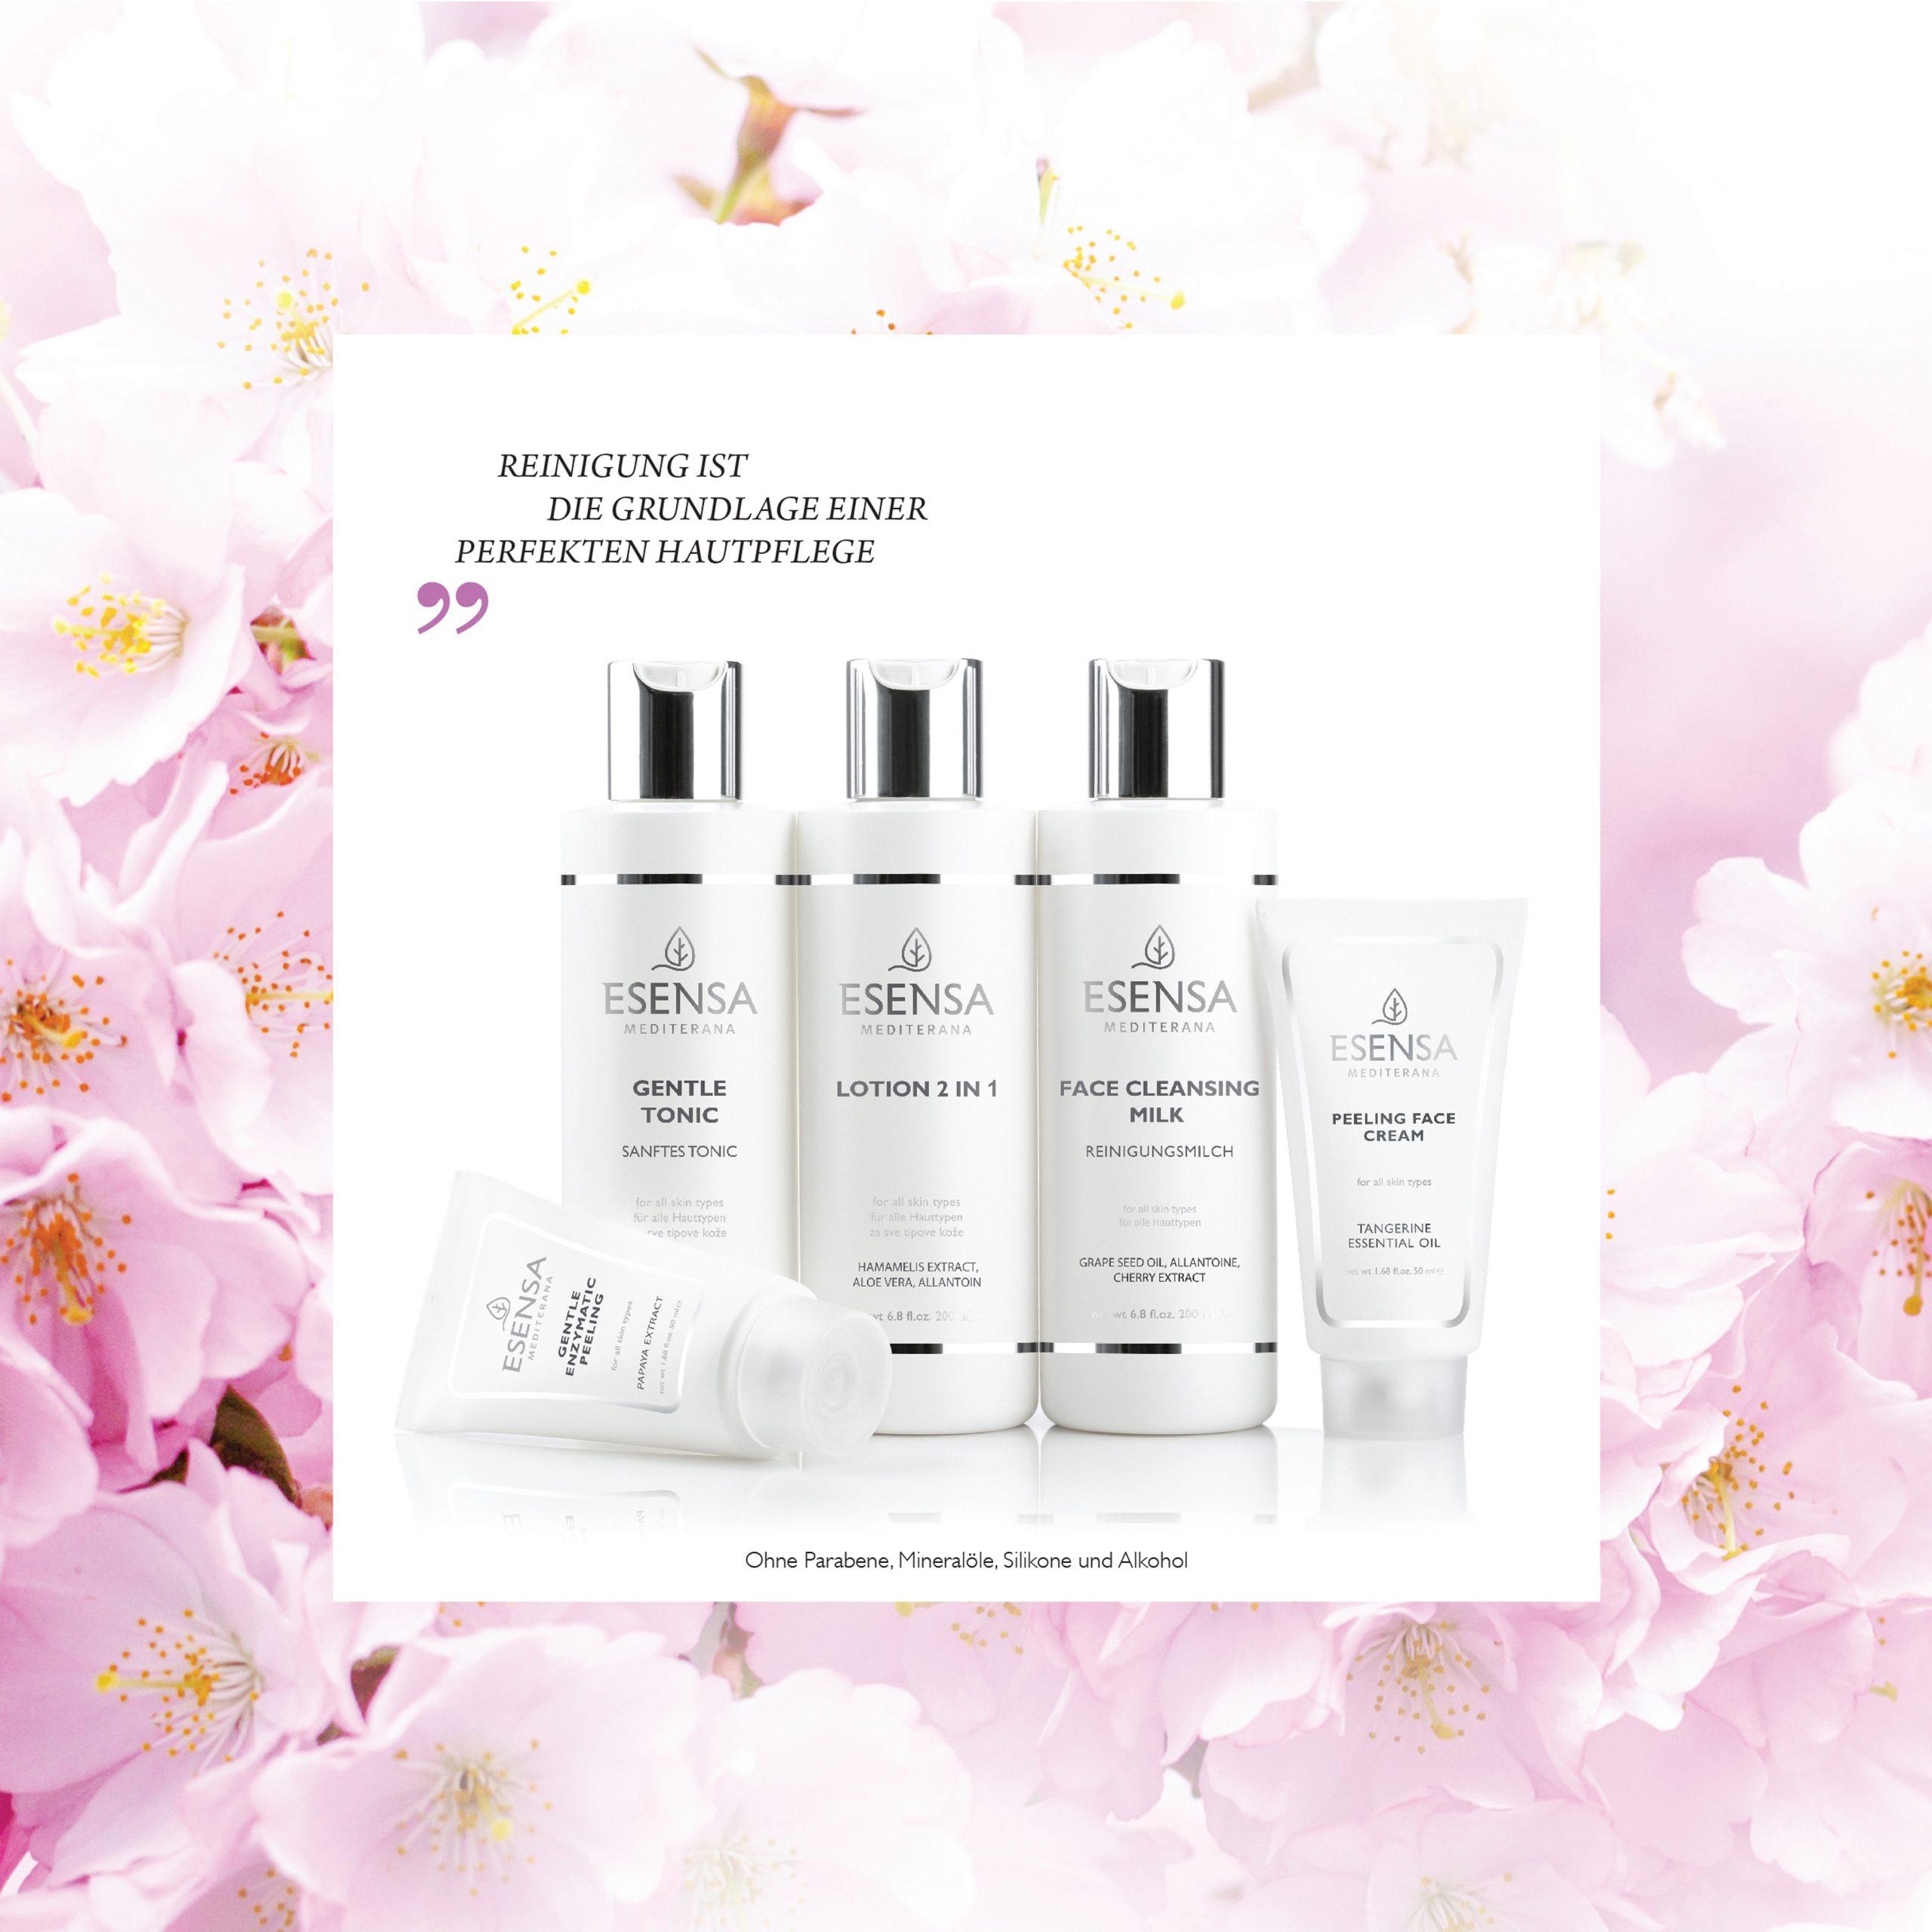 ESENSA Kosmetik – Hautpflege in Haan kaufen